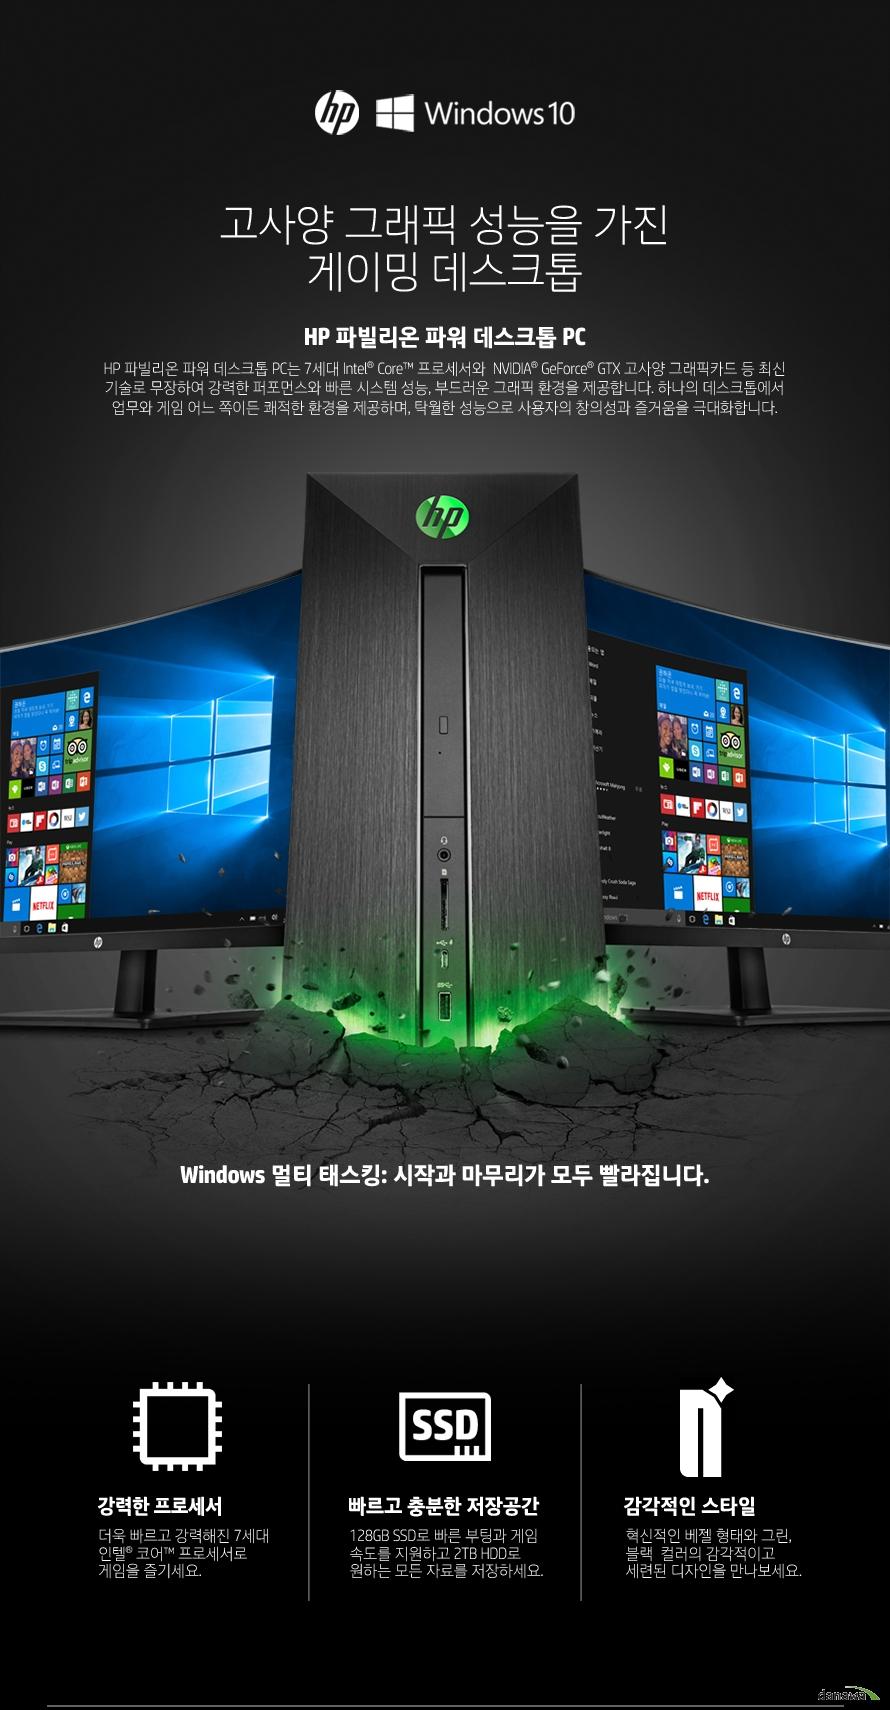 고사양 그래픽 성능을 가진 게이밍 데스크톱  HP 파빌리온 파워 데스크톱 PC HP 파빌리온 파워 데스크톱 PC는 7세대 Intel Core 프로세서와  NVIDIA GeForce GTX 고사양 그래픽카드 등 최신 기술로 무장하여 강력한 퍼포먼스와 빠른 시스템 성능, 부드러운 그래픽 환경을 제공합니다. 하나의 데스크톱에서 업무와 게임 어느 쪽이든 쾌적한 환경을 제공하며, 탁월한 성능으로 사용자의 창의성과 즐거움을 극대화합니다. Windows 멀티 태스킹: 시작과 마무리가 모두 빨라집니다. 강력한 프로세서 더욱 빠르고 강력해진 7세대 인텔 코어 프로세서로 게임을 즐기세요. 빠르고 충분한 저장공간 128GB SSD로 빠른 부팅과 게임 속도를 지원하고 2TB HDD로 원하는 모든 자료를 저장하세요. 감각적인 스타일 혁신적인 베젤 형태와 그린, 블랙  컬러의 감각적이고 세련된 디자인을 만나보세요.   본 자료의 저작권은 (주)다나와에 있으며 동의 없이 무단 복제 및 가공, 임의로 사용 시 법에 의한 처벌을 받을 수 있습니다.    차세대 CPU로 경험하는 빠르고 강력한 성능 7세대 Intel Core 프로세서 7세대 Intel Core 프로세서는 이전 세대에 비해 더욱 빨라진 시스템 성능과 부드러워진 스트리밍 환경, 풍부한 텍스처와 생생한 그래픽의 HD 화면을 제공합니다. 뛰어난 반응성과 빨라진 속도 7세대 Intel Core 프로세서는 높은 전력 효율의 14nm 마이크로 아키텍처와 더불어 향상된 프로세싱 기술을 기반으로 이전 세대에 비해 더욱 빠른 성능을 제공합니다. Intel 스피드 시프트 기술을 통해 절전 모드에서 신속하게 벗어날 수 있고 응용 프로그램과 웹 페이지 간 전환이 더욱 빨라졌습니다.  이전 세대에 비해 빨라진 클럭 속도와 낮아진 소비 전력 7세대 Intel Core 프로세서는 6세대 Intel Core 프로세서에 비해 빨라진 클럭 속도와 낮아진 소비 전력으로 더욱 향상된 작업 생산성과 웹 성능을 체험할 수 있습니다.  8GB 메모리  듀얼채널 DDR4 DIMMs 메모리로 더욱 빠르고 원활하게 시스템을 활용할 수 있습니다.    새로운 스타일  감각적이고 세련된 스타일의 디자인을 만나보세요. 혁신적인 베젤 형태와 그린, 블랙의 대담한 컬러가 업무 공간까지도 활기를 불어넣습니다.  듀얼 스토리지로 부팅은 신속하게  용량은 넉넉하게 128GB SSD, 2TB HDD   듀얼 스토리지 옵션으로 필요한 성능과 스토리지를 구성할 수 있습니다. 128GB의 SSD로 신속히 부팅하고 2TB까지 제공되는 HDD로 많은 양의 콘텐츠를 저장할 수 있습니다.   최상의 게임 경험을 제공하는 고사양 그래픽카드  NVIDIA GeForce GTX 1060 그래픽카드 NVIDIA GeForce GTX 그래픽카드는 빠른 성능을 자랑하고 최신 게임 기술까지 모두 장착한 하이엔드 그래픽카드로써 사용자에게 최상의 엔터테인먼트 환경과 멀티미디어 경험을 제공합니다. 풀옵션으로 오버워치를 플레이하거나 영상 편집 소프트웨어를 사용할 때에 강력한 성능을 발휘합니다.     응용 프로그램을 설치하는 편리한 방법 HP JumpStart 초기 PC 설치 시, HP JumpStart의 도움을 받아보세요. 사용자가 원하는 응용 프로그램만 선택해서 설치할 수 있어, 나중에 불필요한  응용프로그램을 다시 삭제해야하는 번거로움이 없습니다.    다양한 확장 포트로 폭넓은 노트북 활용   HDMI, USB 3.1 C타입 고해상도 출력이 가능한 HDMI, 빠른 데이터 전송 속도의 USB 3.1 C타입 등 폭넓은 확장 포트 구성으로 다양한 작업을 편리하게 수행할 수 있습니다. USB 3.1 타입-C 차세대 USB 버전인 USB 3.1 C타입을 이용하여 편리하게 외장 저장 장치를 사용하세요. 최대 5Gb/s로 데이터 전송 속도가 매우 빠릅니다. 멀티미디어 카드리더기 SD메모리 디바이스와 호환되는 멀티포맷 디지털 미디어 리더기를 이용하여 데이터를 입출력할 수 있습니다.  HDMI (후면) 디지털 영상과 음성을 하나의 포트로 출력하는 HDMI를 장착하여 고해상도 영상과 